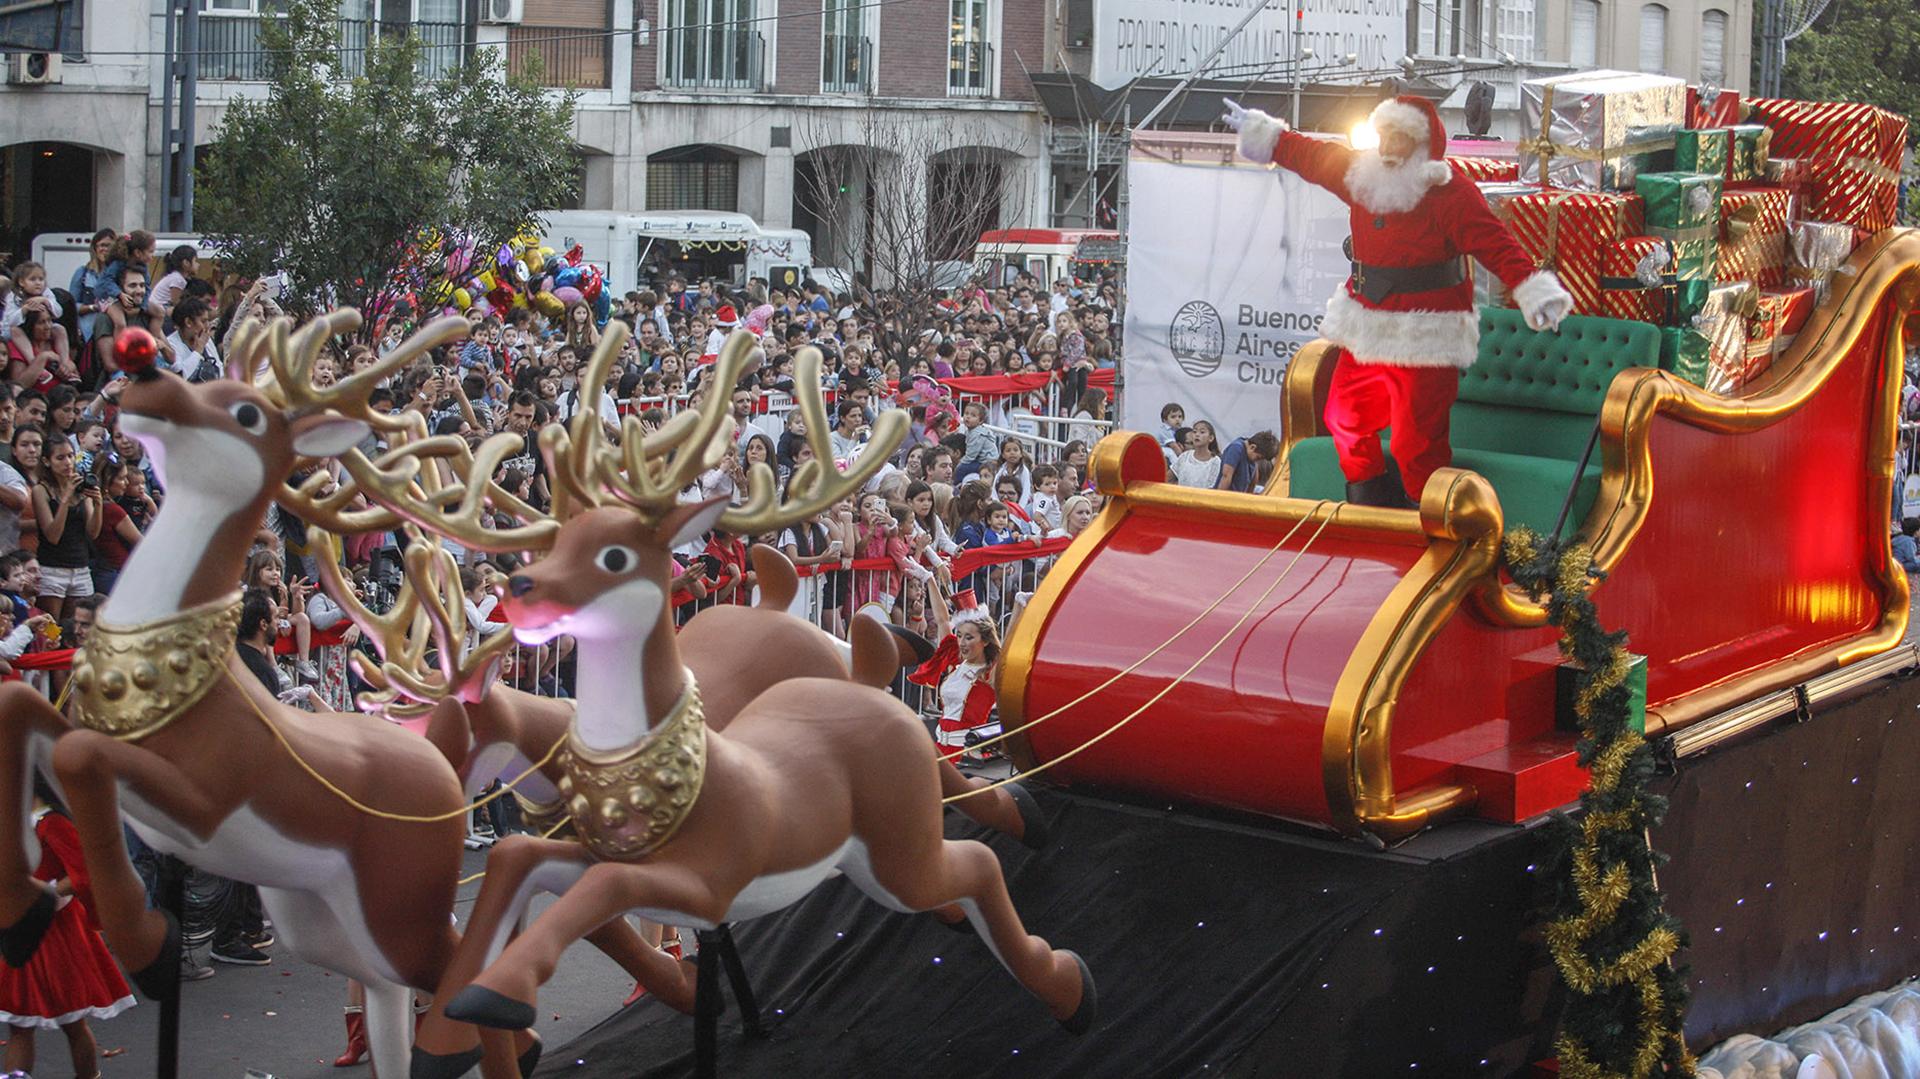 Fue el momento más esperado y llegó pasadas las 19:30, cuando Papá Noel apareció montado en su trineo lleno de regalos